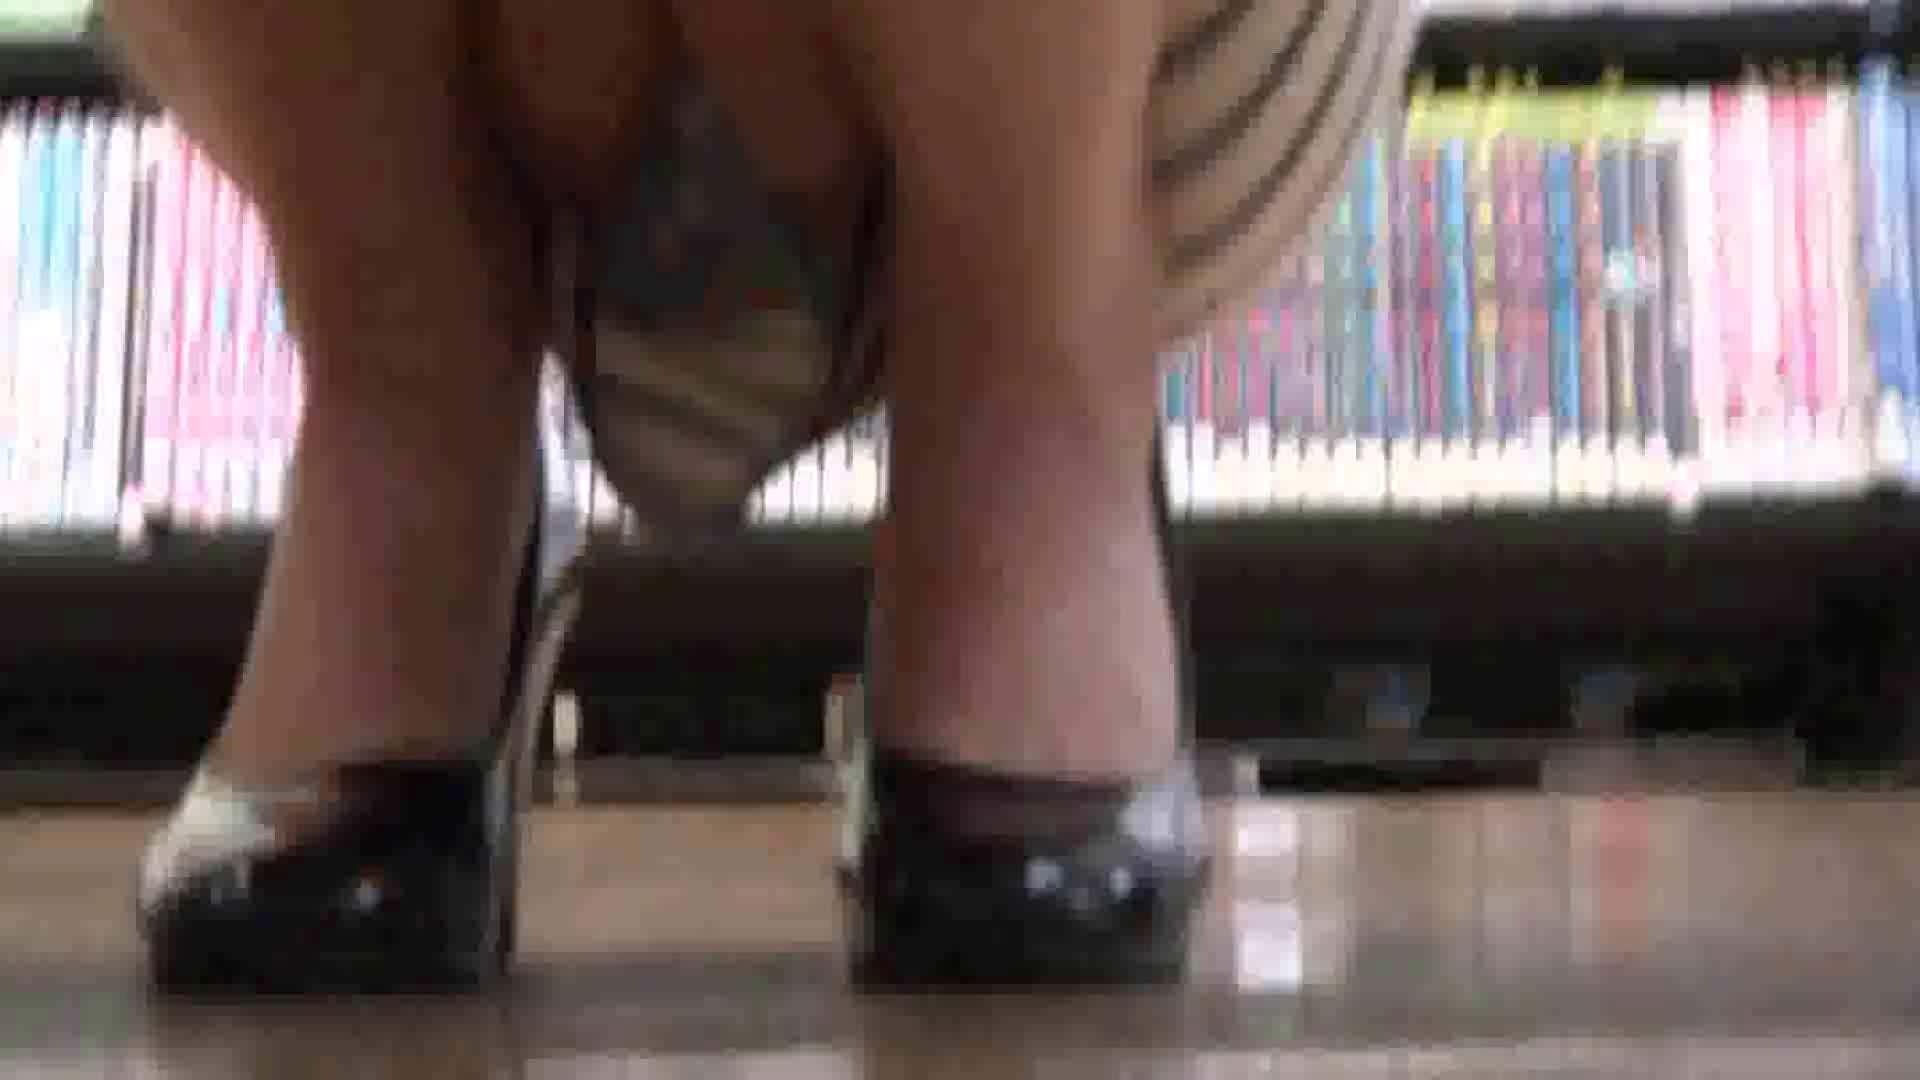 真剣に買い物中のgal達を上から下から狙います。vol.01 OL裸体 | チラ系  99画像 67